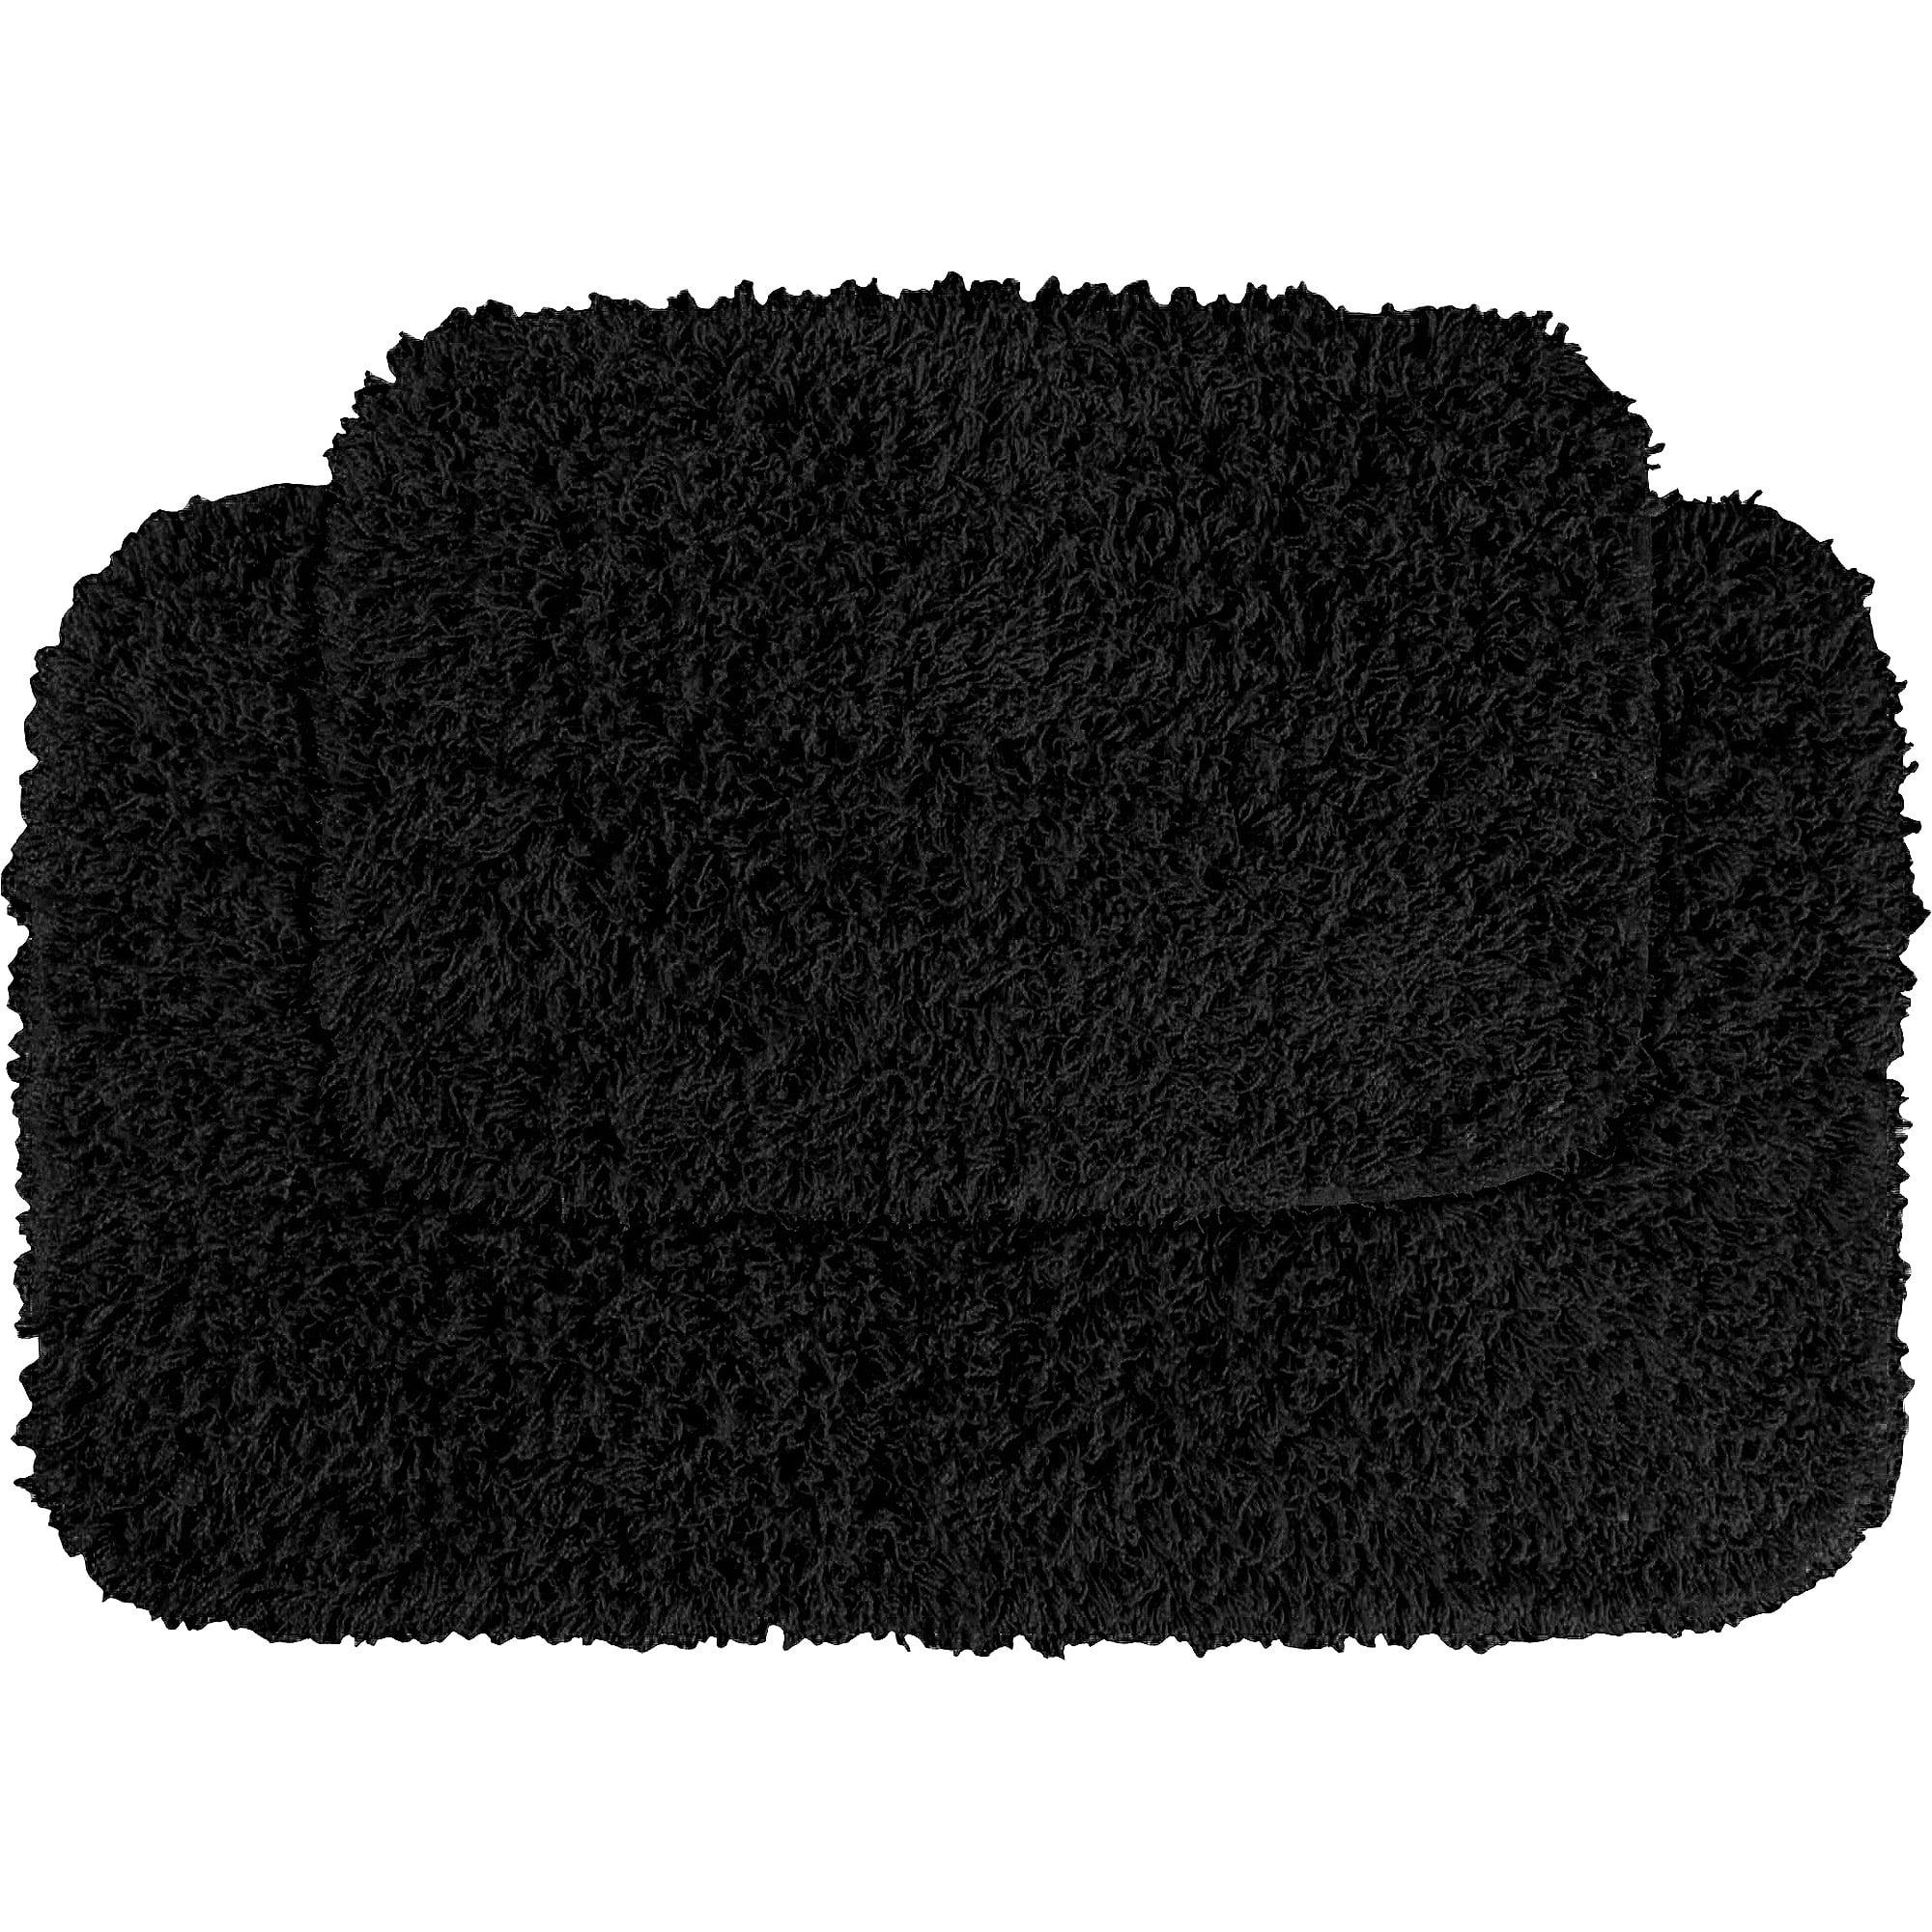 Bathroom shag rug